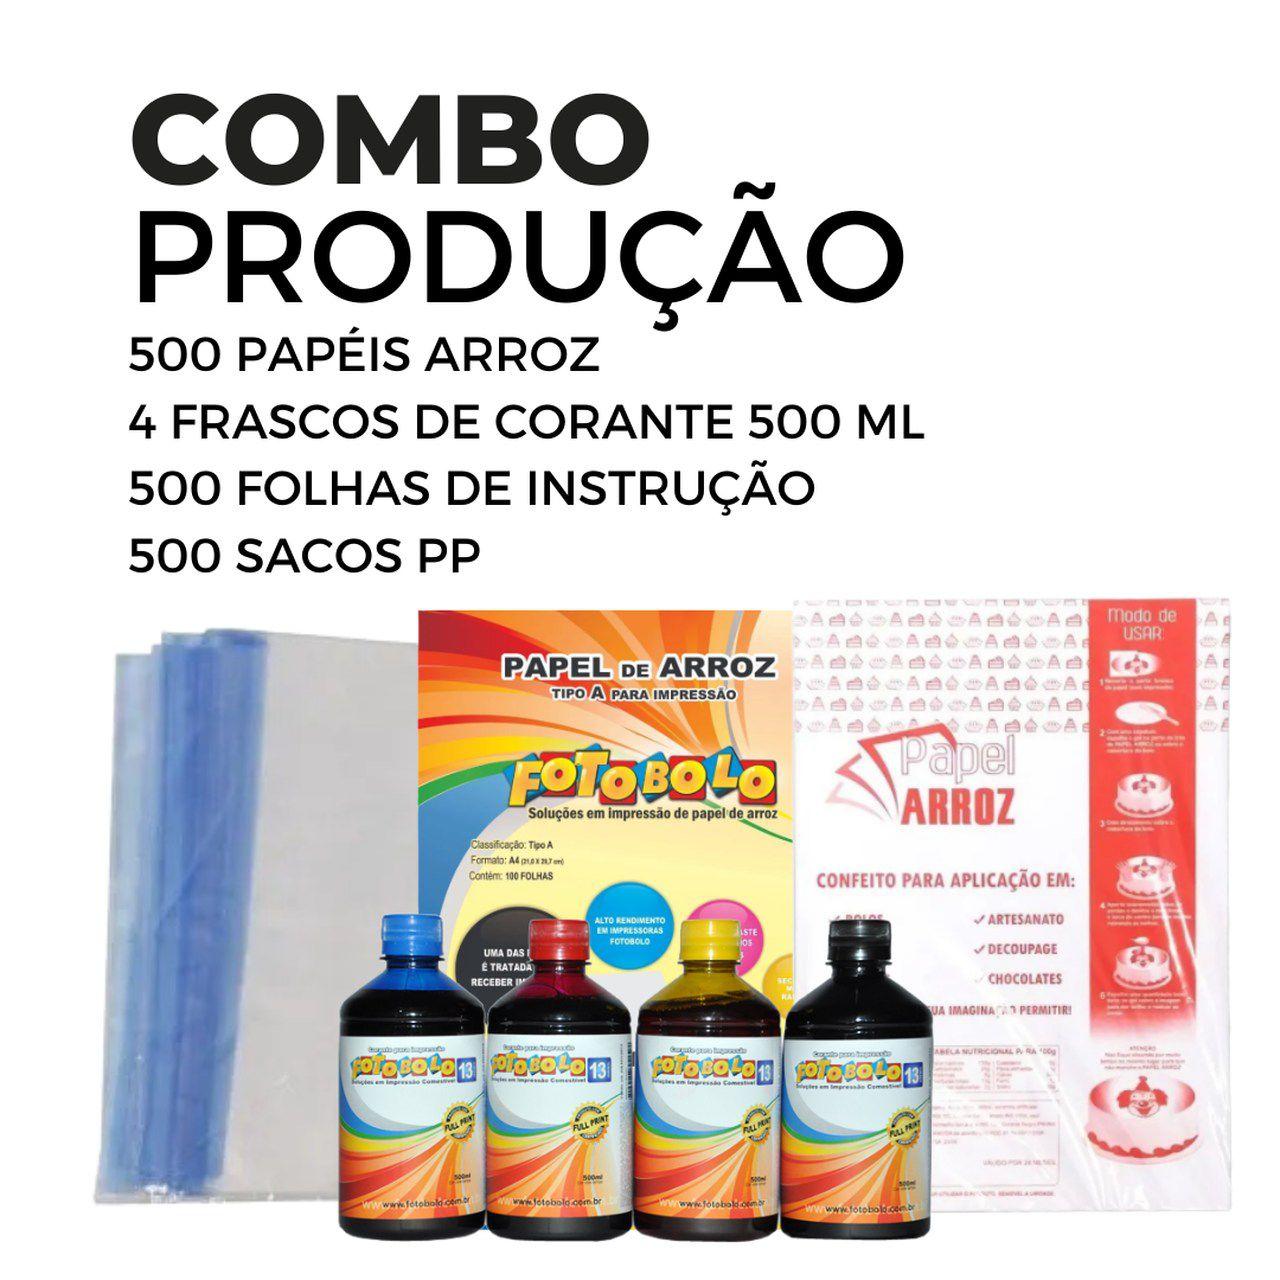 4 frascos de corante 500 ml + 500 Papéis Arroz + 500 Sacos PP + 500 Folhas de Instrução